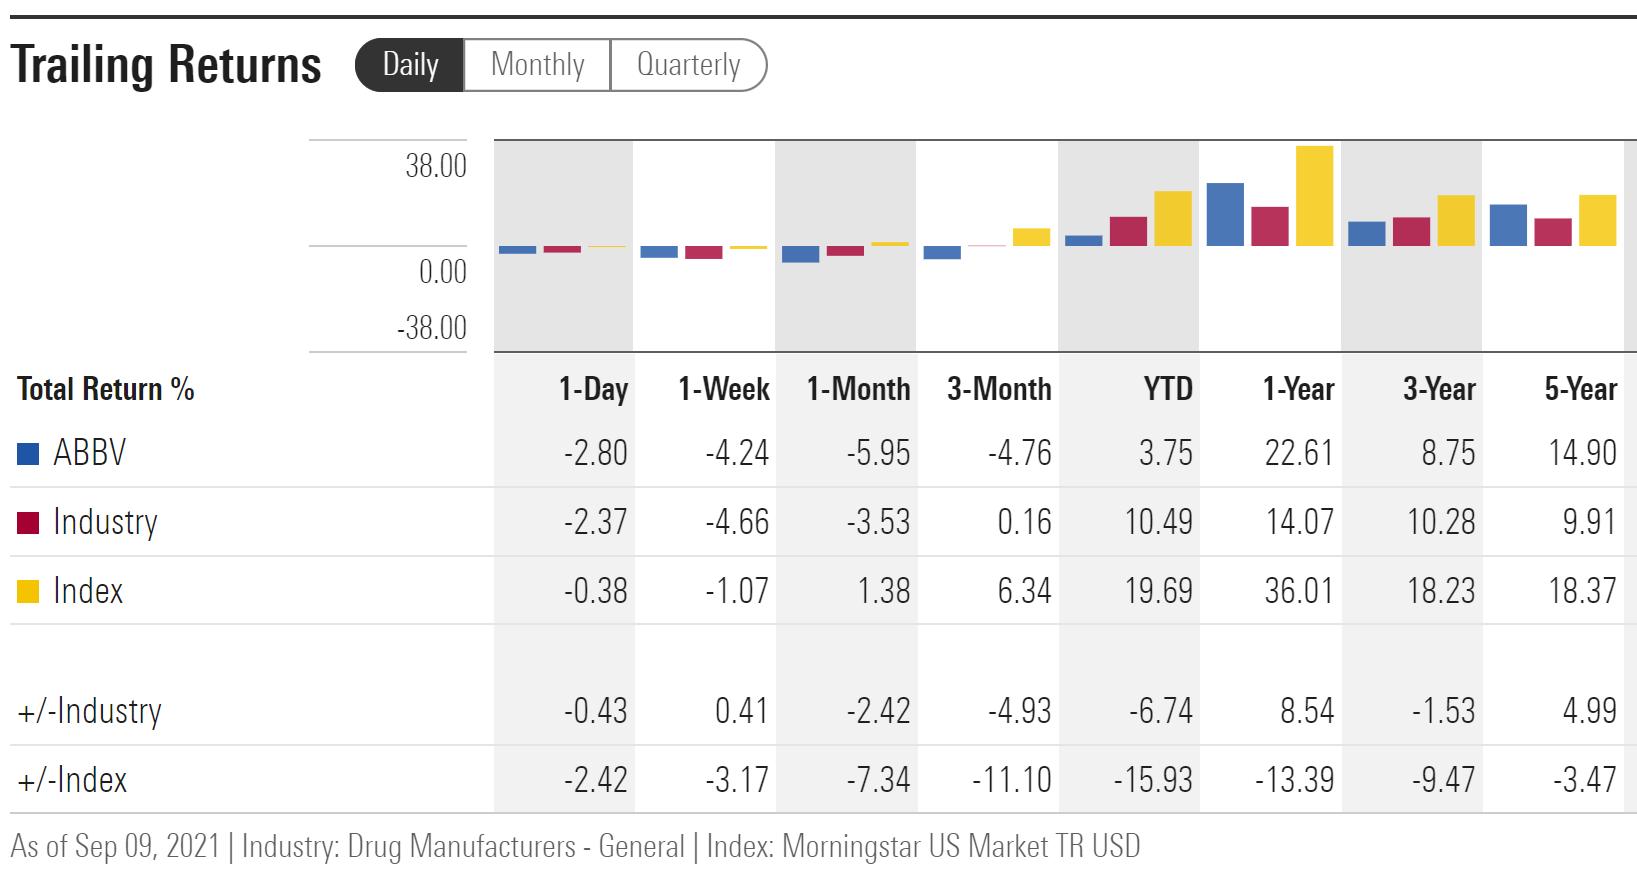 ABBV Trailing Total Return Vs. Drug Manufacturer Industry And Total US Equity Market